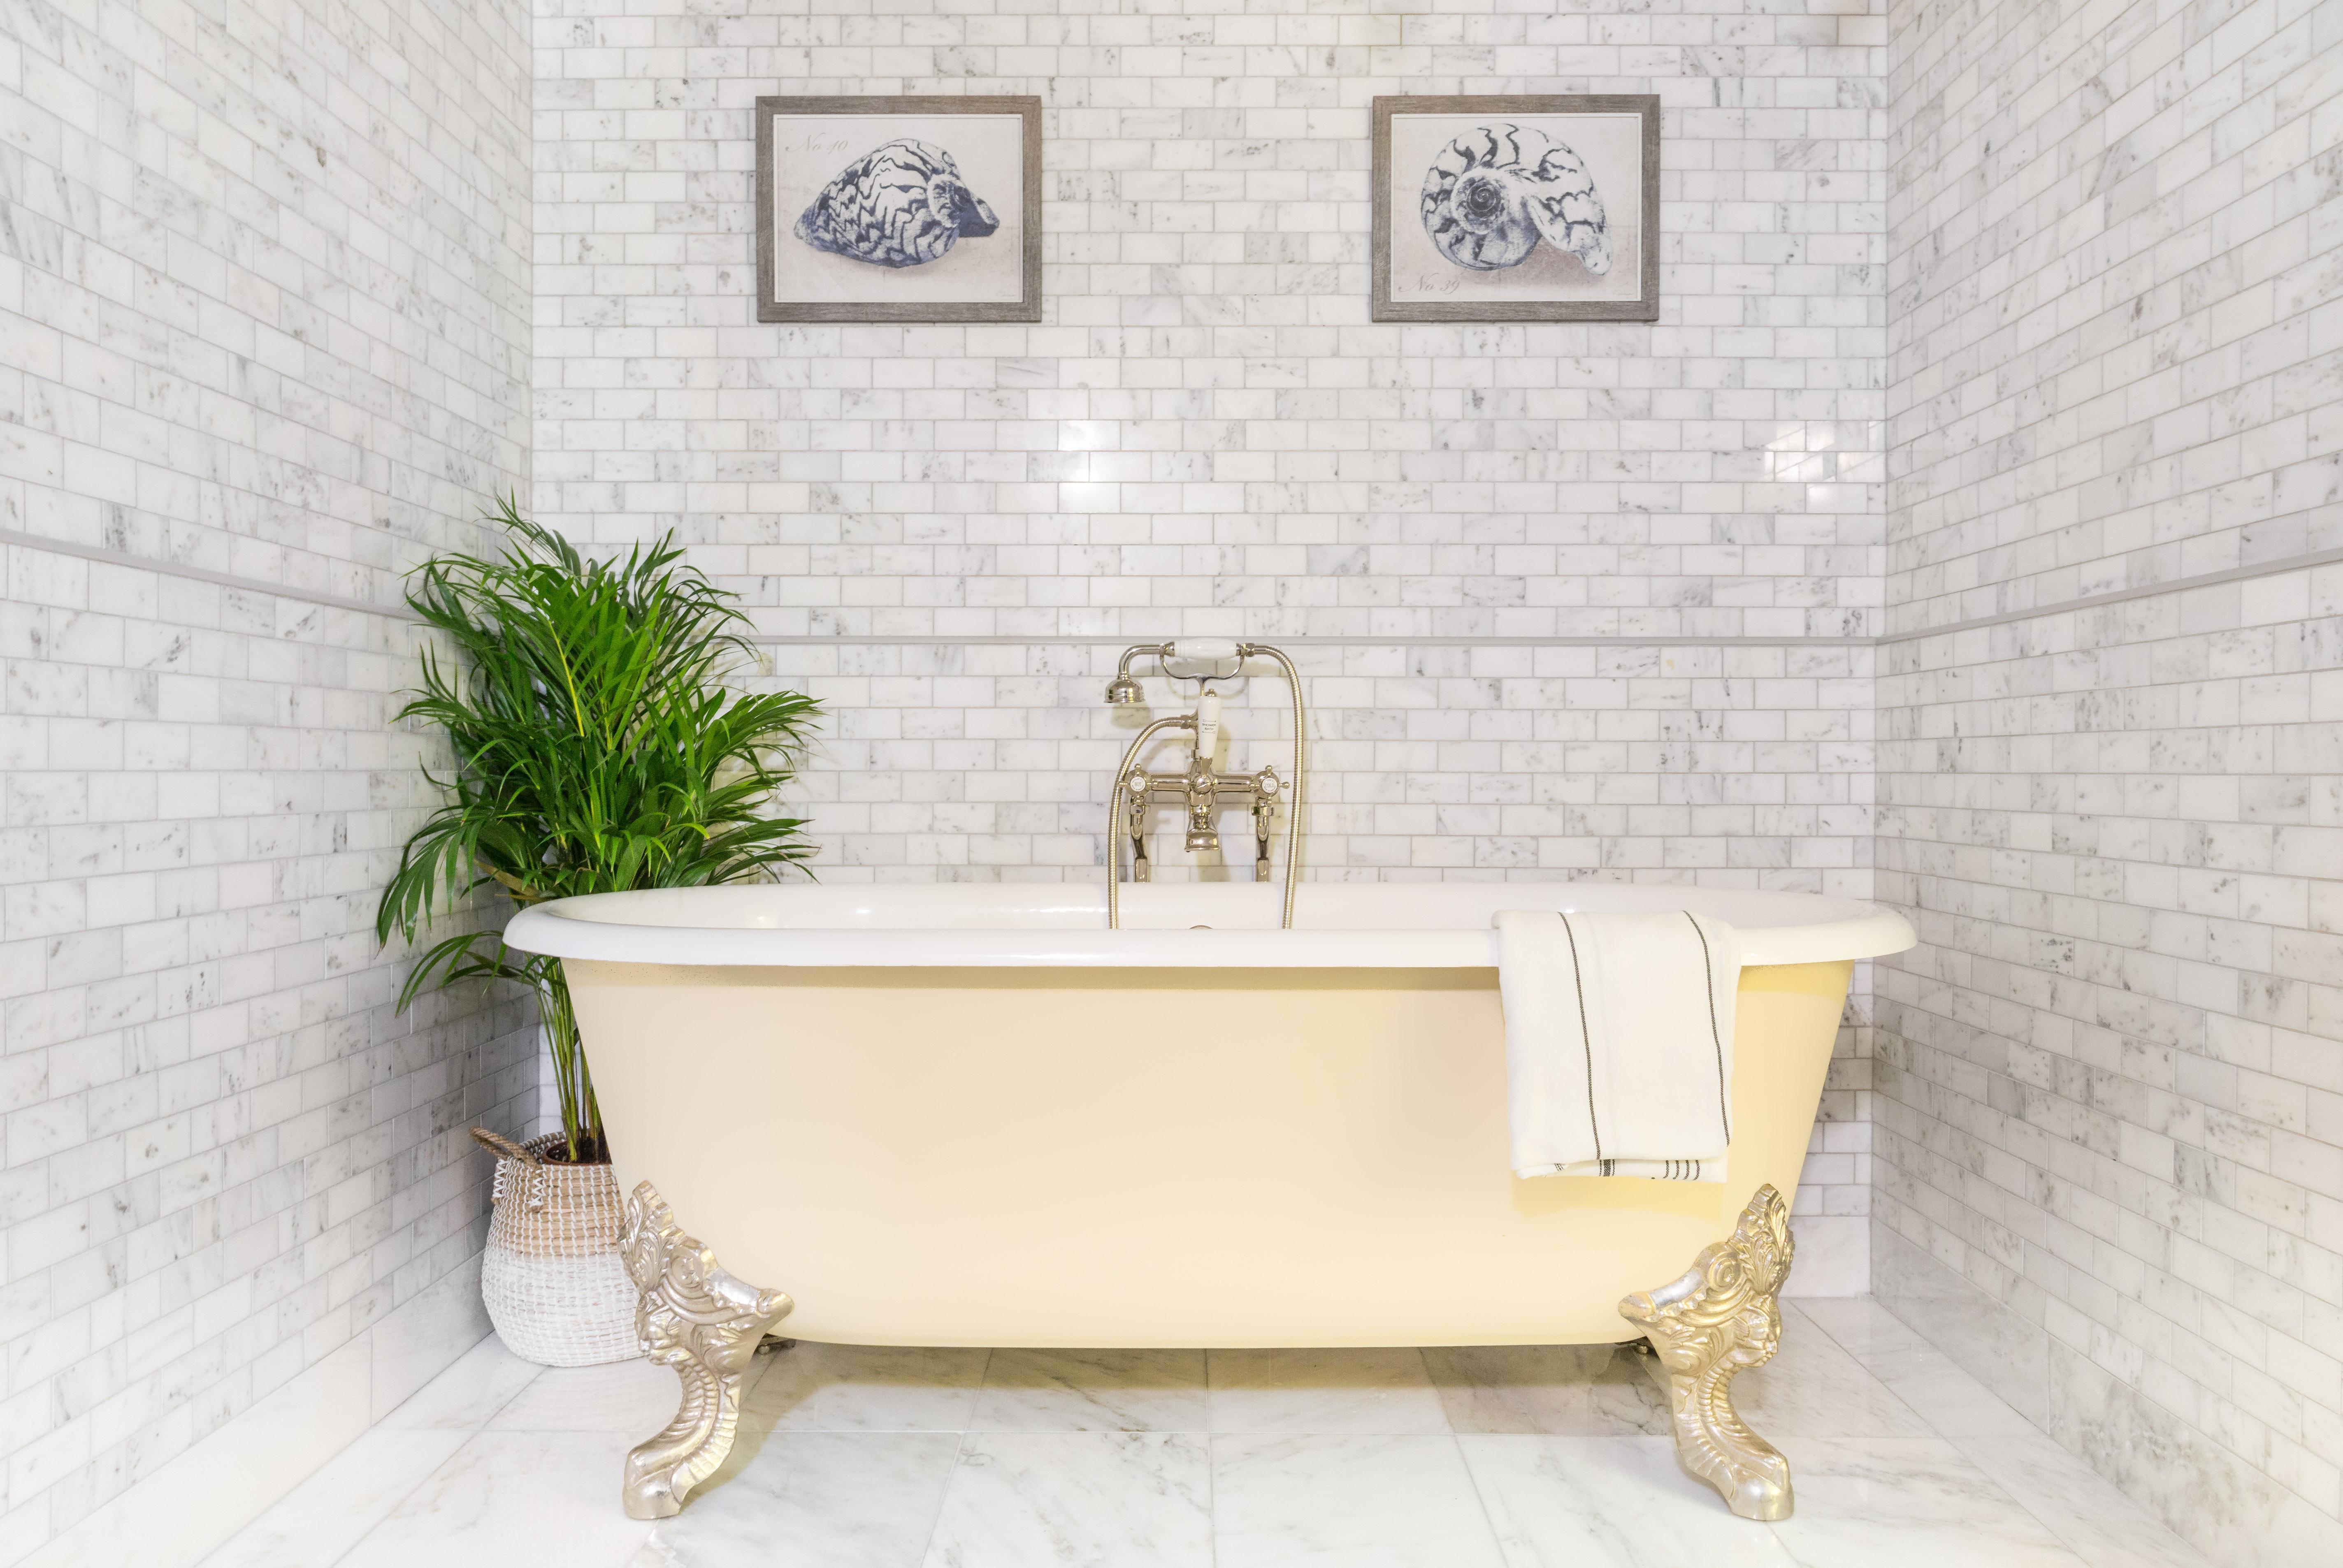 victorian free standing bathtub luxury bathrooms bath design rollltop tub